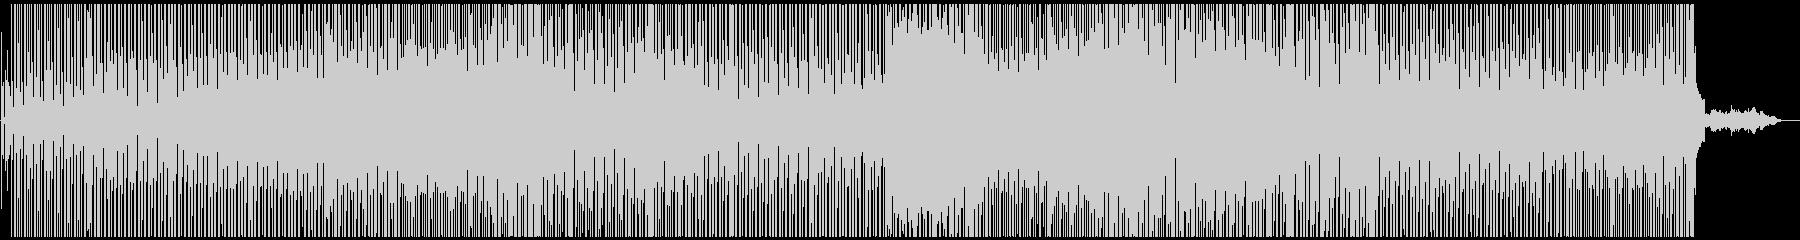 ロックテイストを織り交ぜたメロウなR&Bの未再生の波形